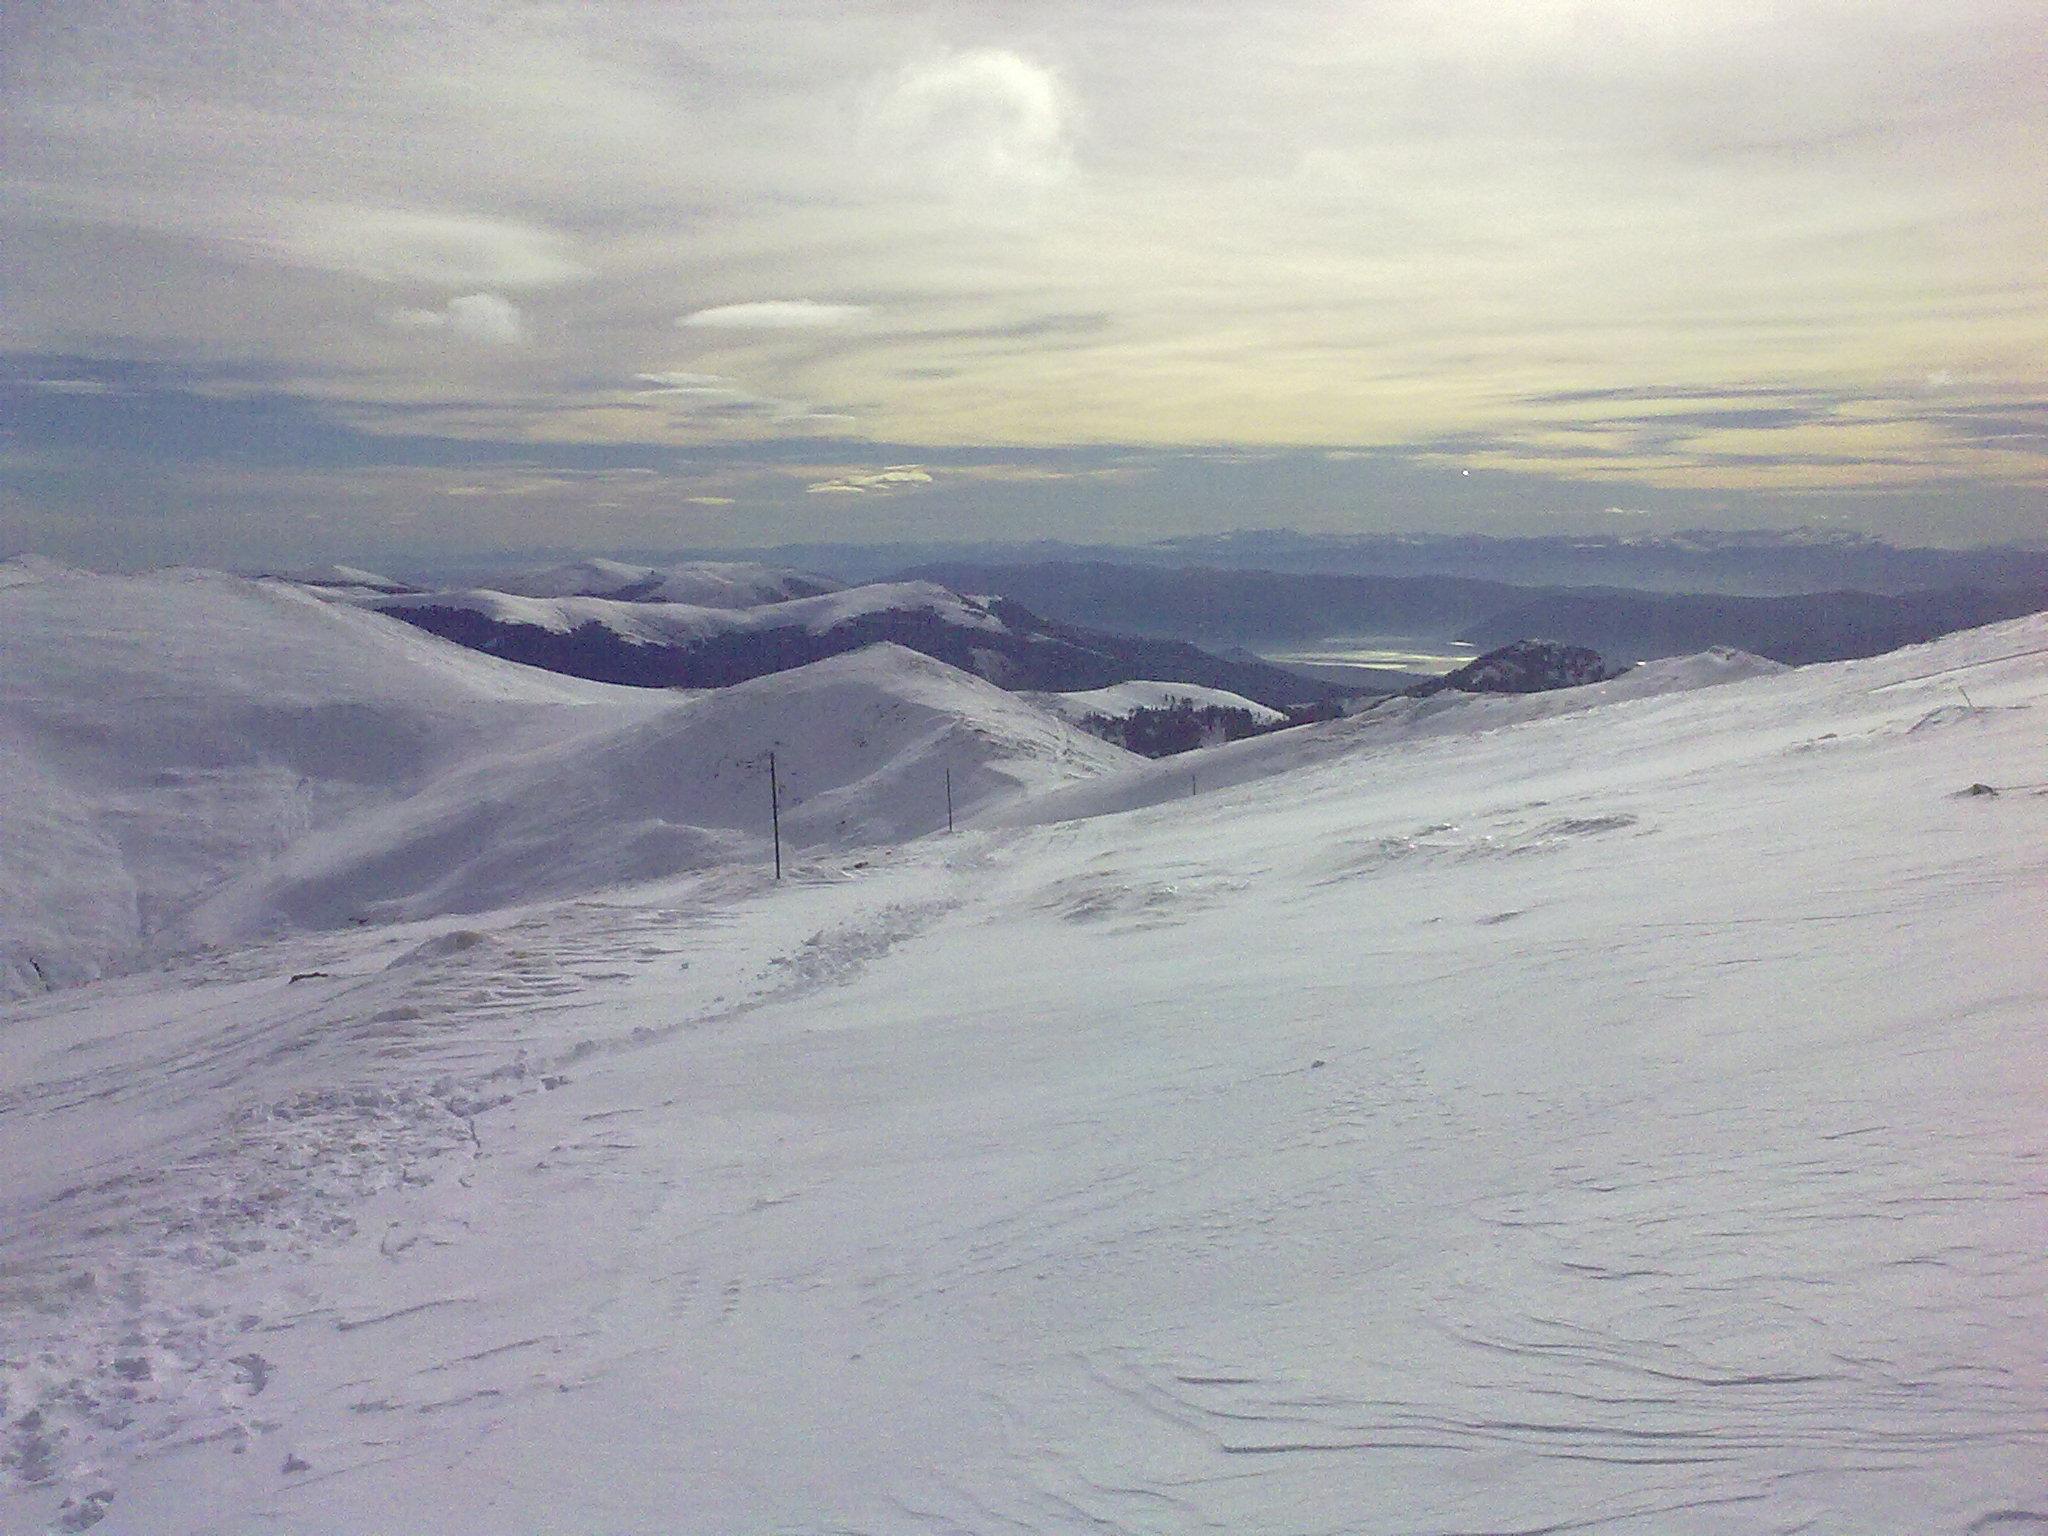 Siroka, Kopanki - Pelister